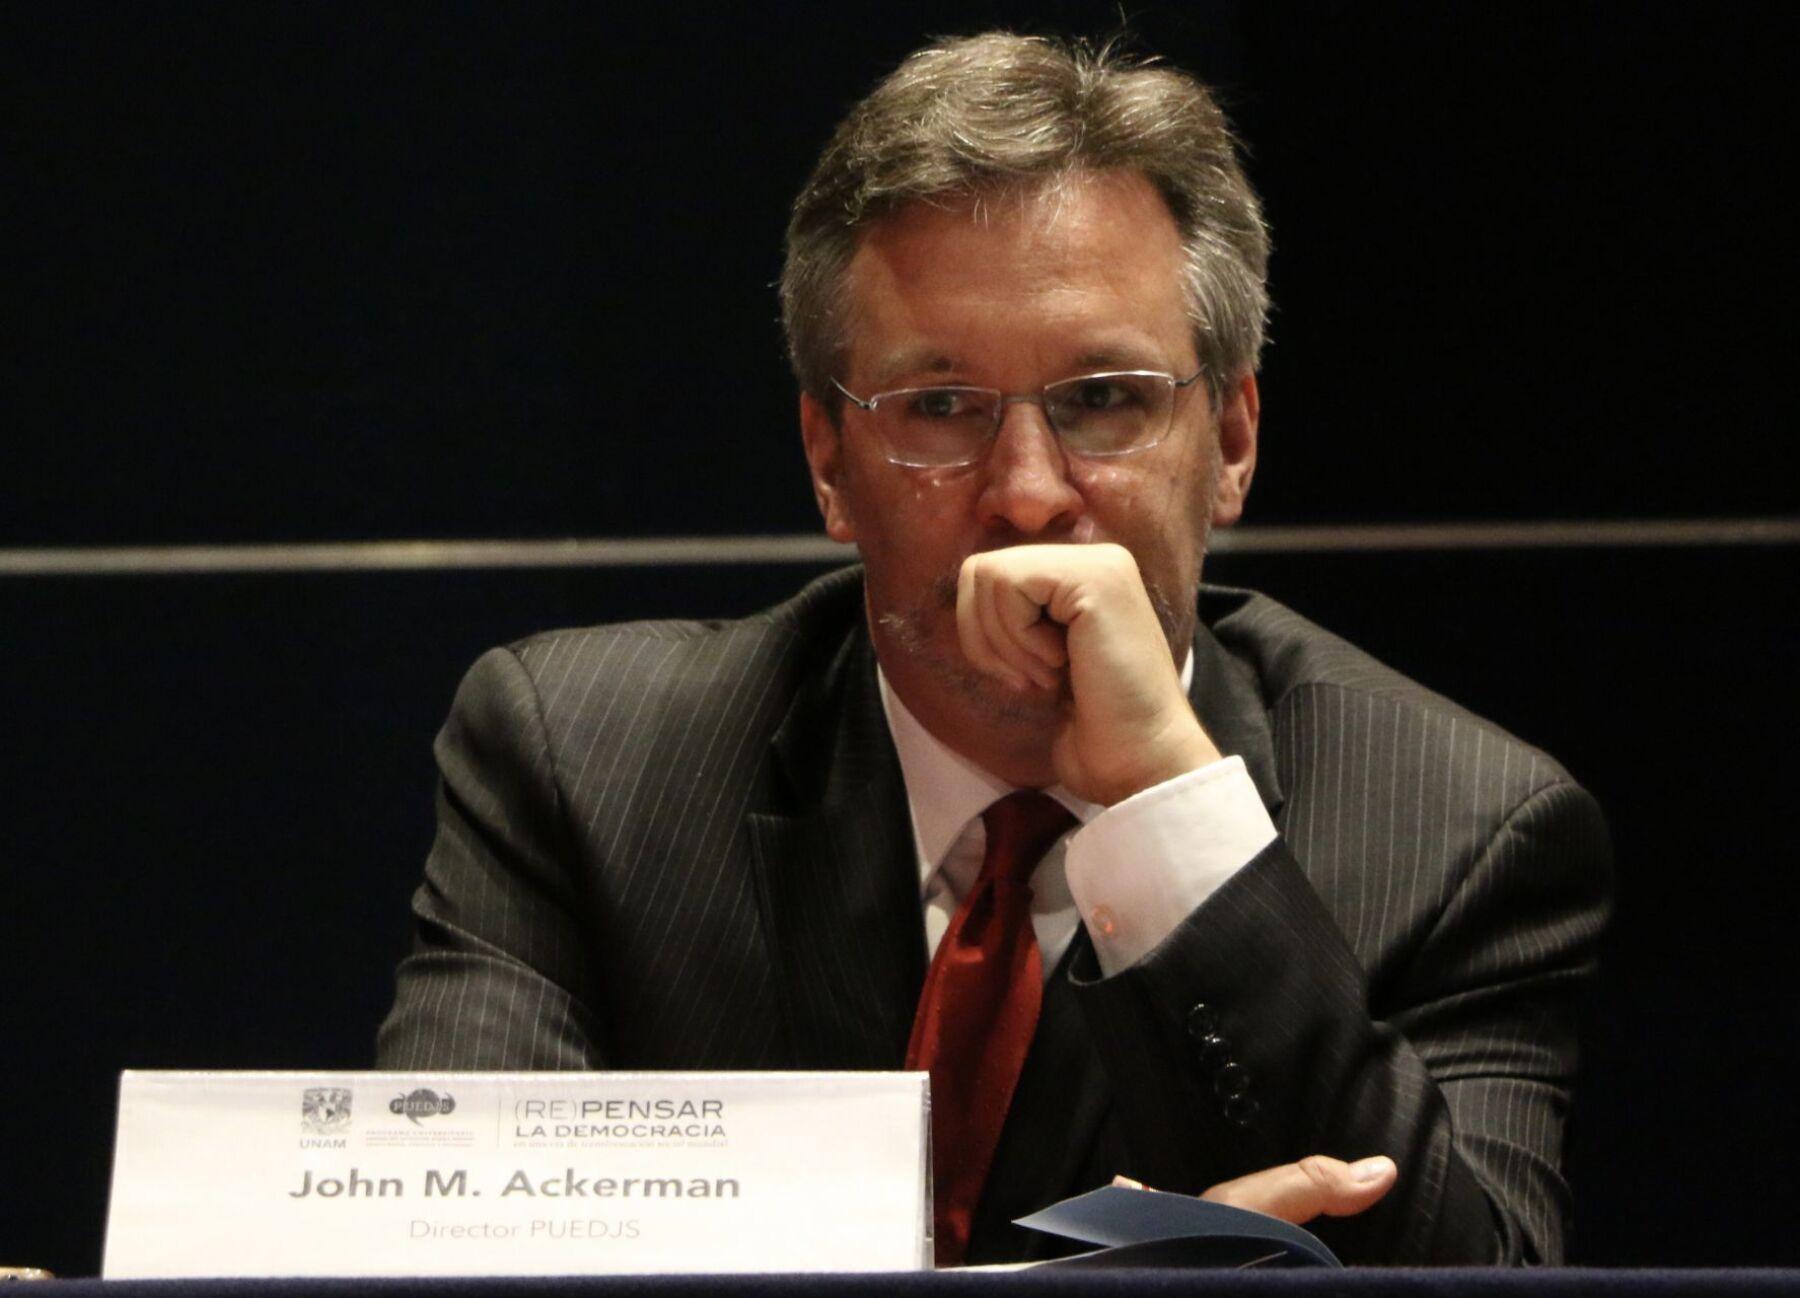 La entrega de 5.8 mdp del Conacyt a un proyecto de John Ackerman genera polémica